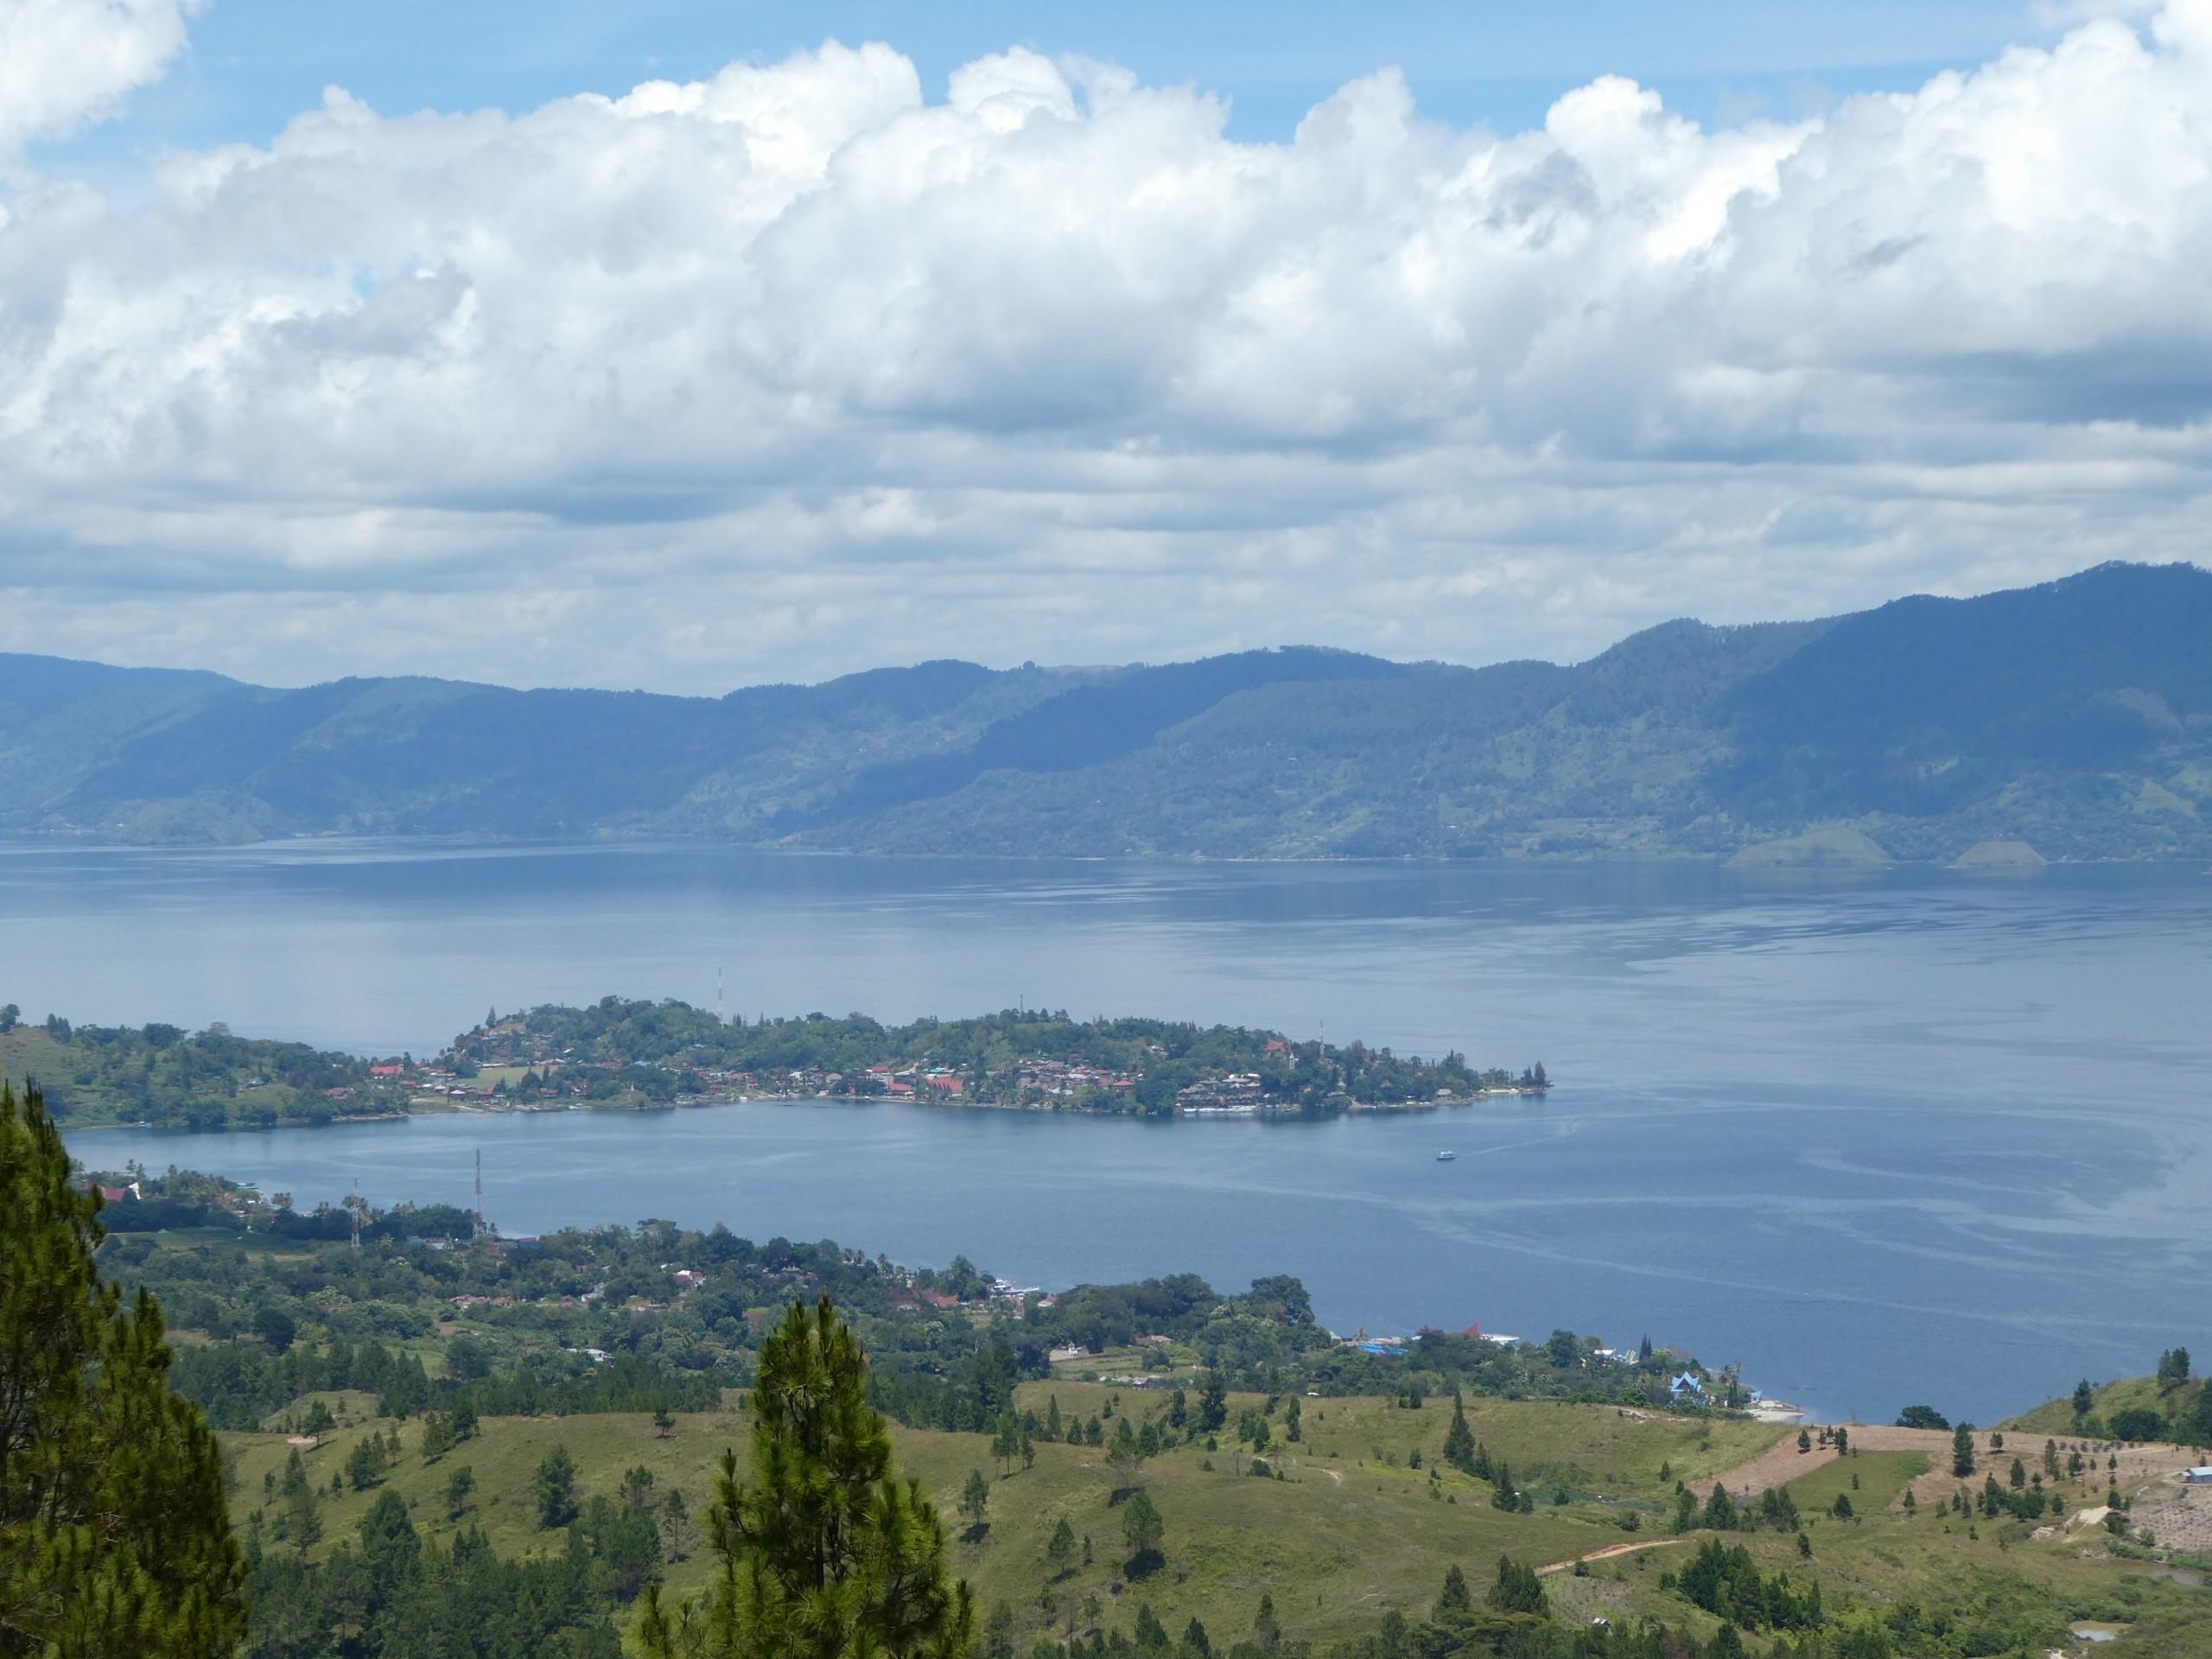 Tiendas en el Lago Toba, Sumatra